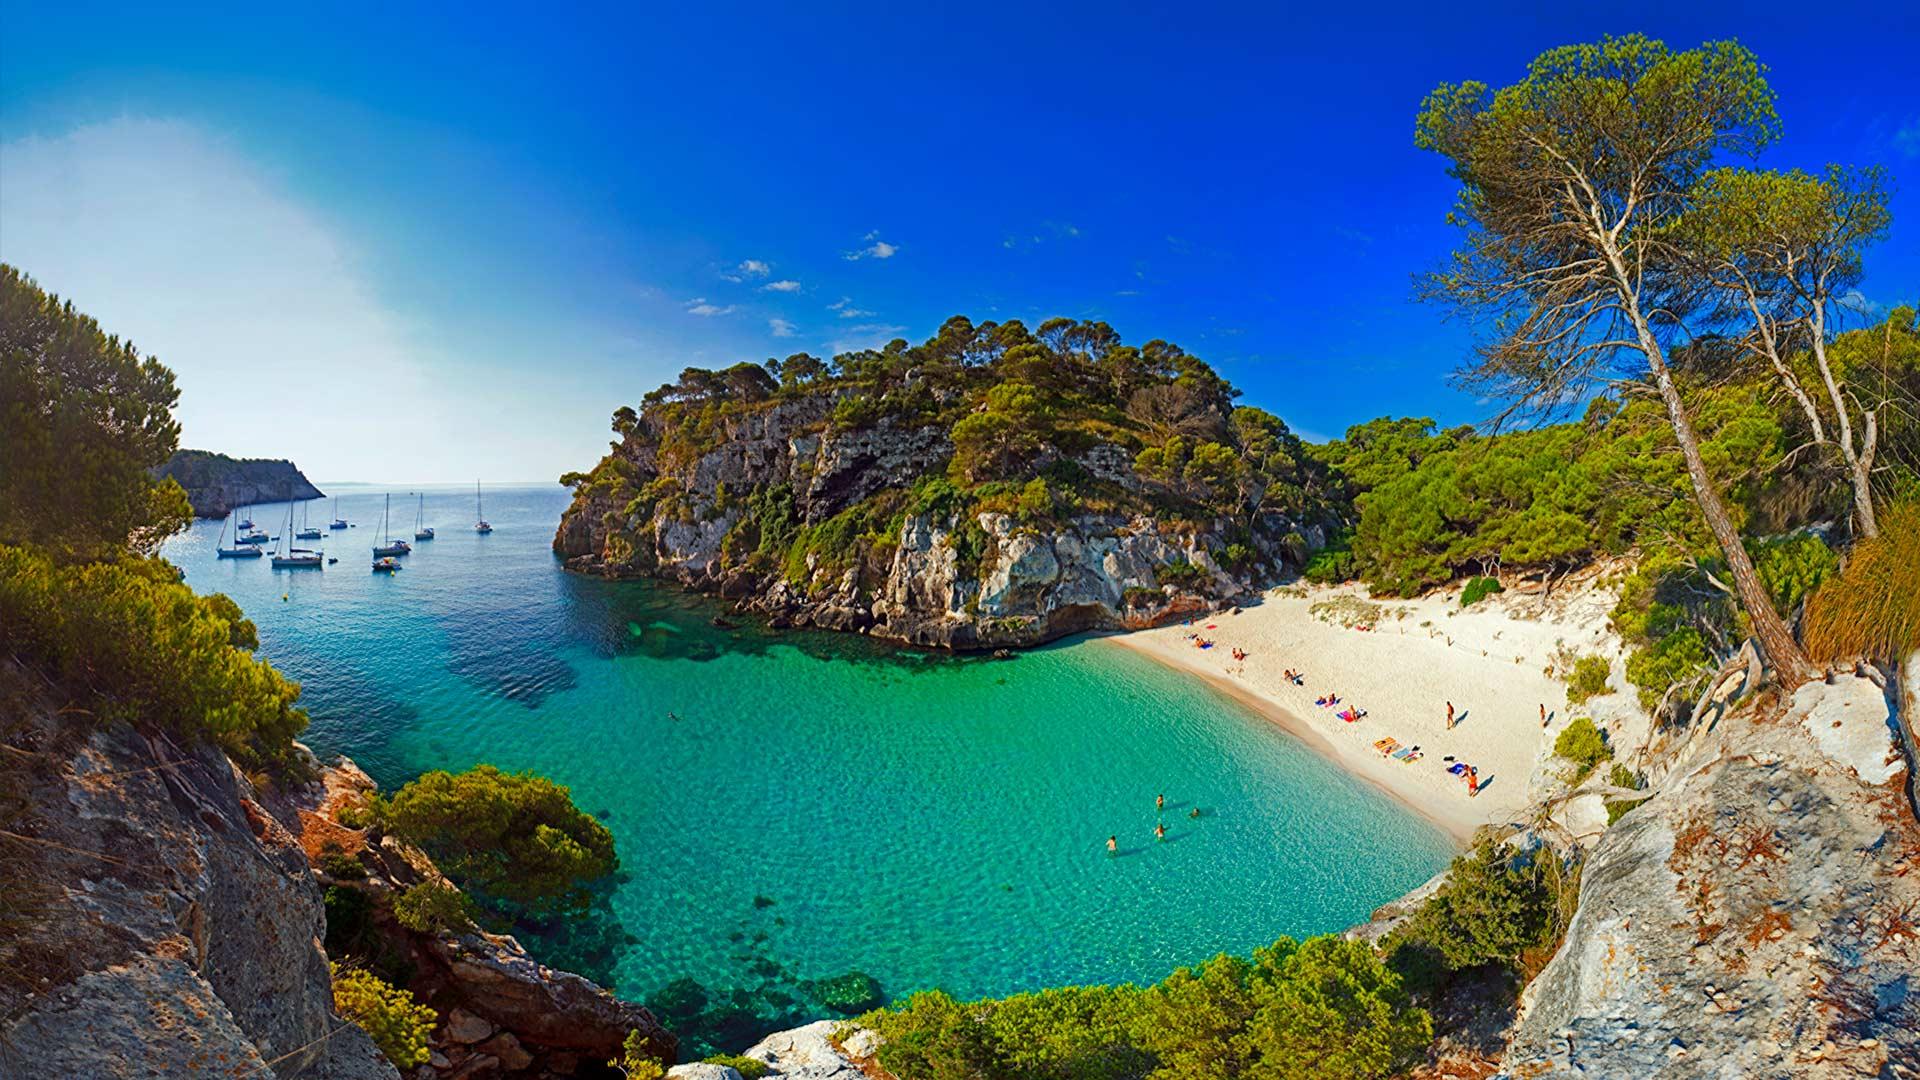 Estate a minorca la mappa delle spiagge pi belle da - Immagini di spongebob e sabbia ...